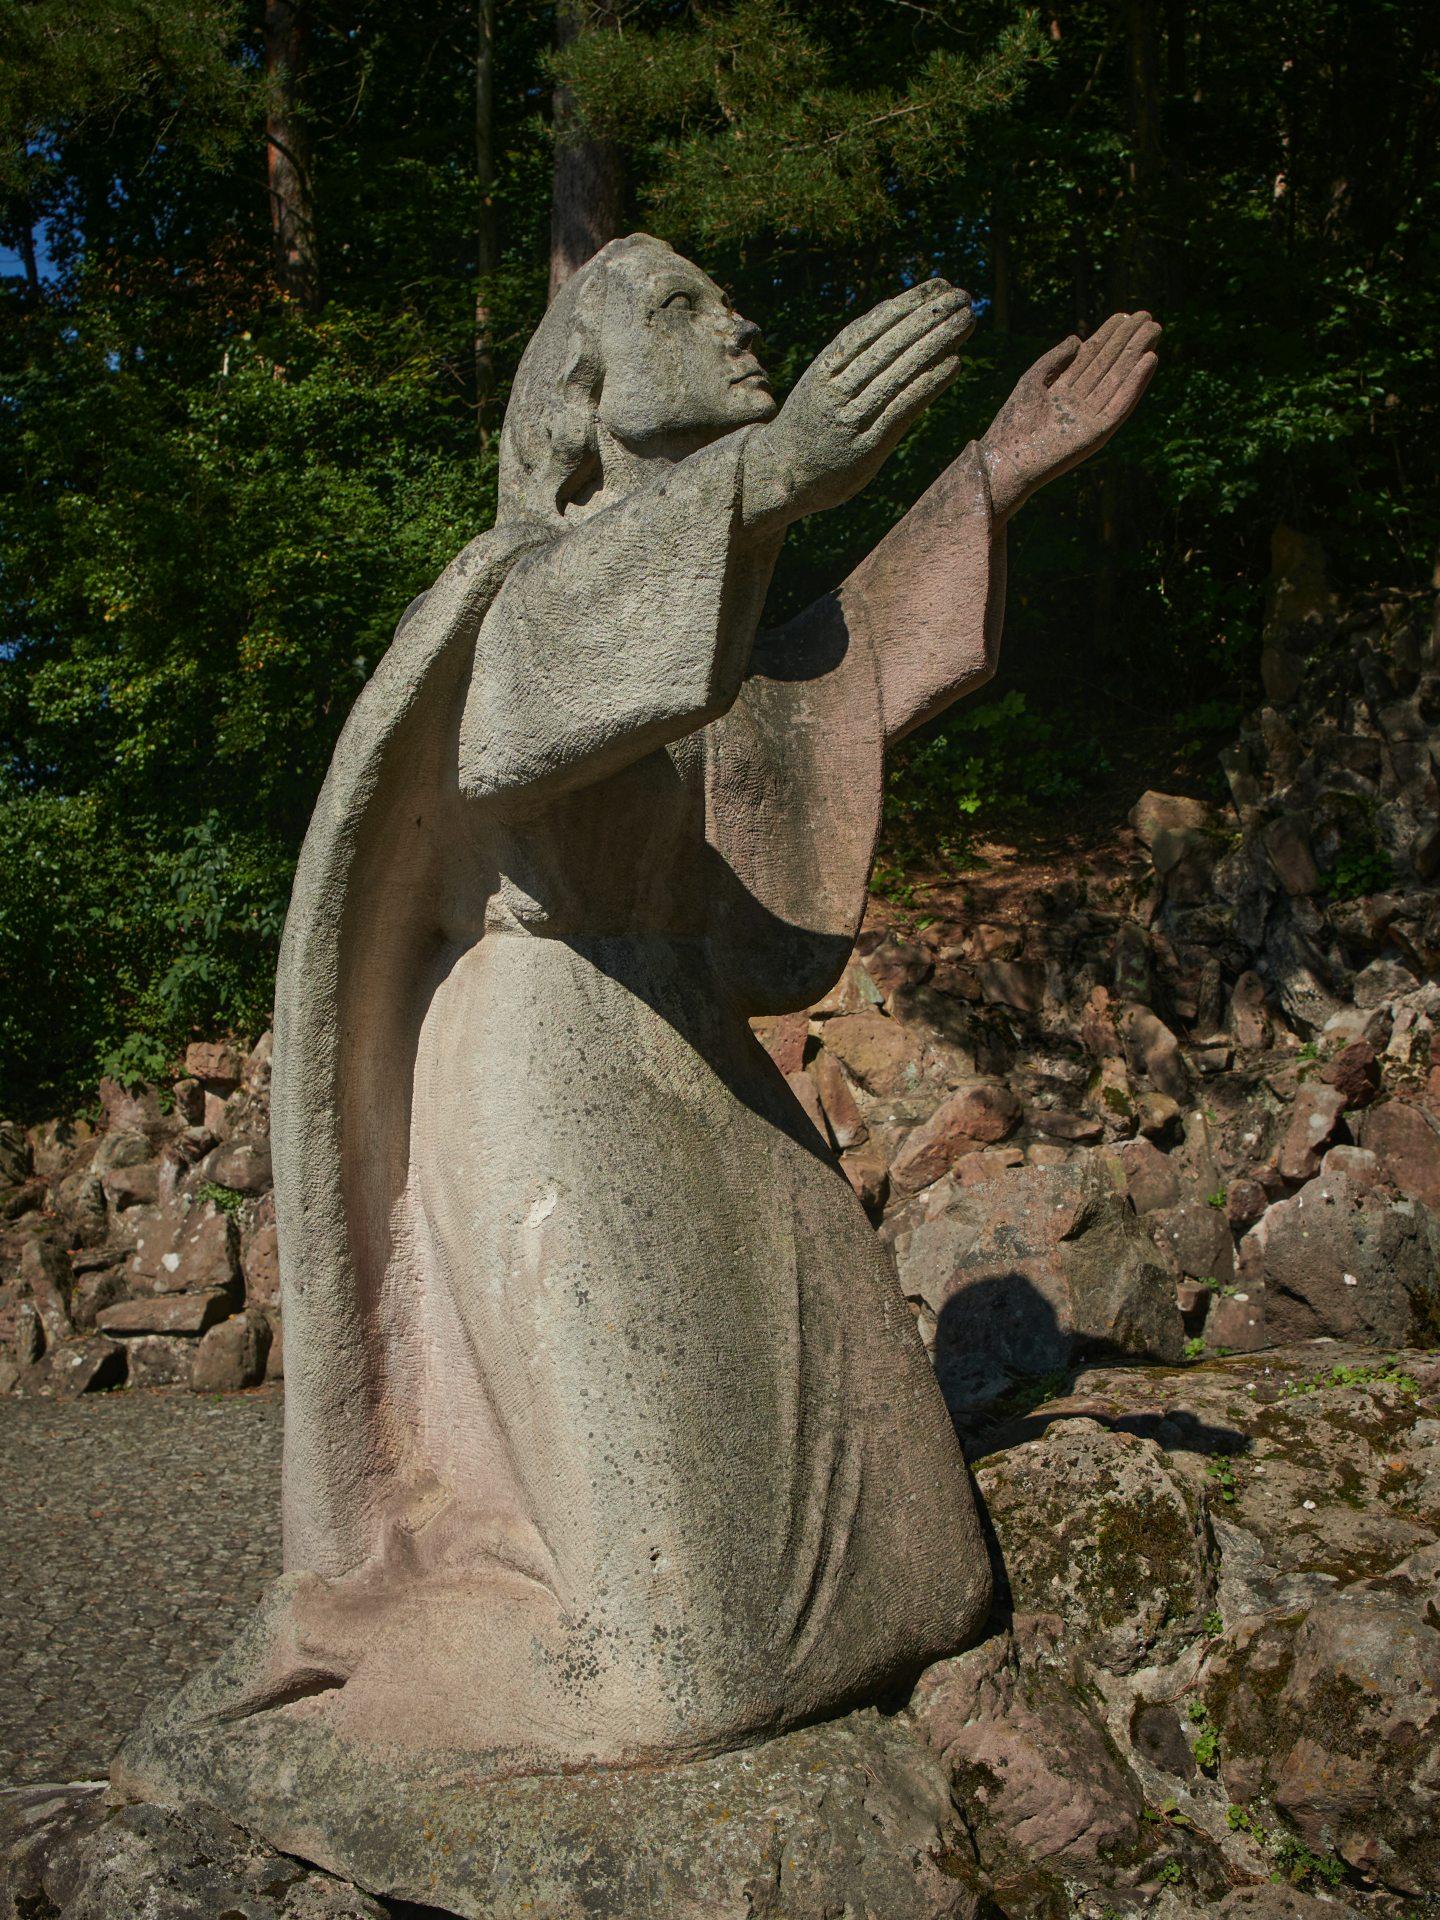 Die Heilige Bernadette. Eine demütige Geste, die mir unangenehm ist. Eine Religion, die eine solche Unterwerfung goutiert, soll mir zu einem besseren Leben verhelfen?